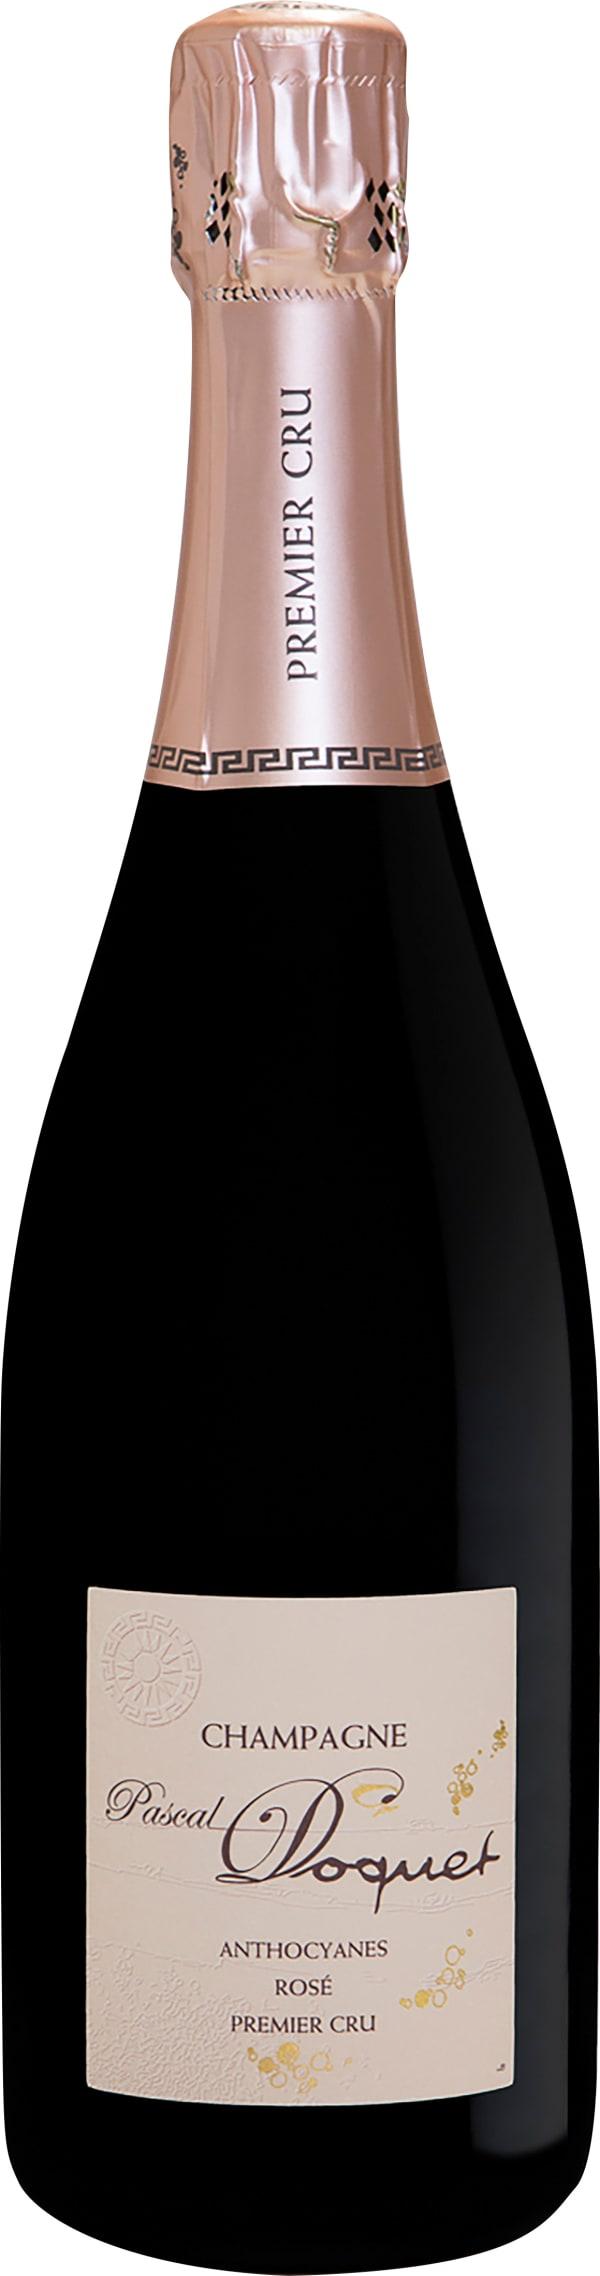 Pascal Doquet Anthocyanes Premier Cru Rosé Champagne Extra-Brut